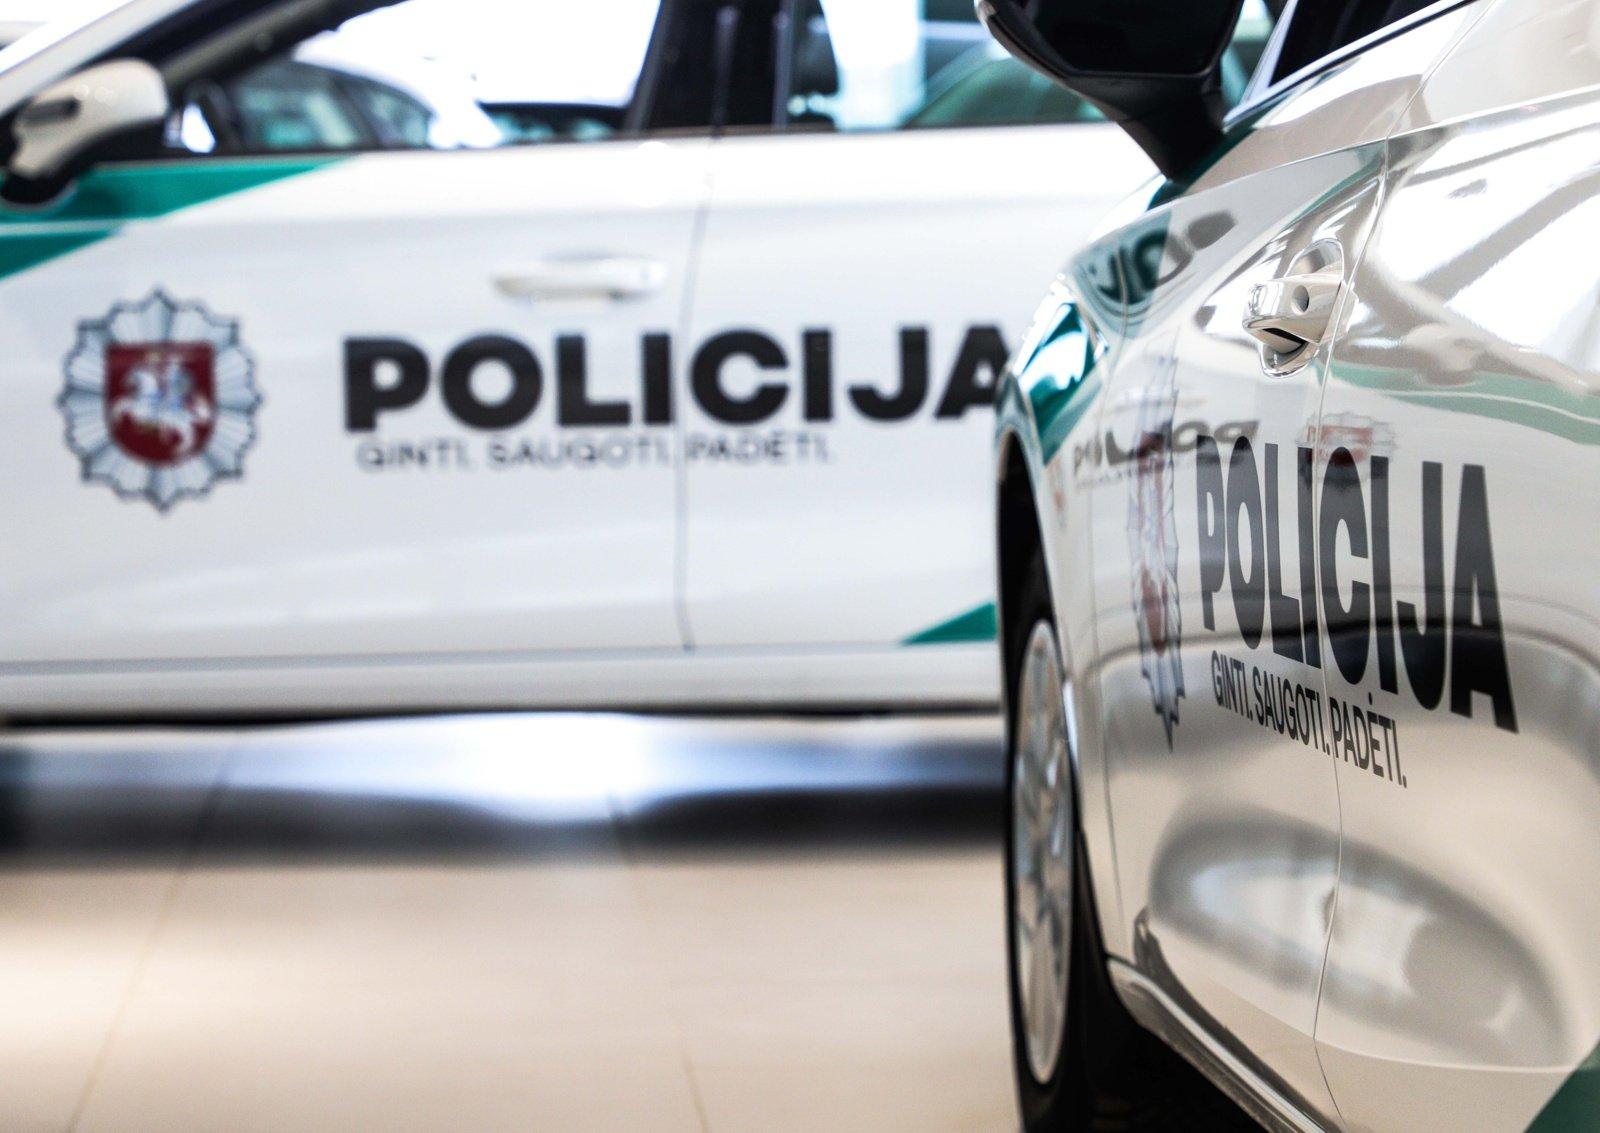 """Šiandien vyks kontraversiškai vertinamas """"Šeimos gynimo maršas"""": policija įspėja apie galimus nepatogumus"""